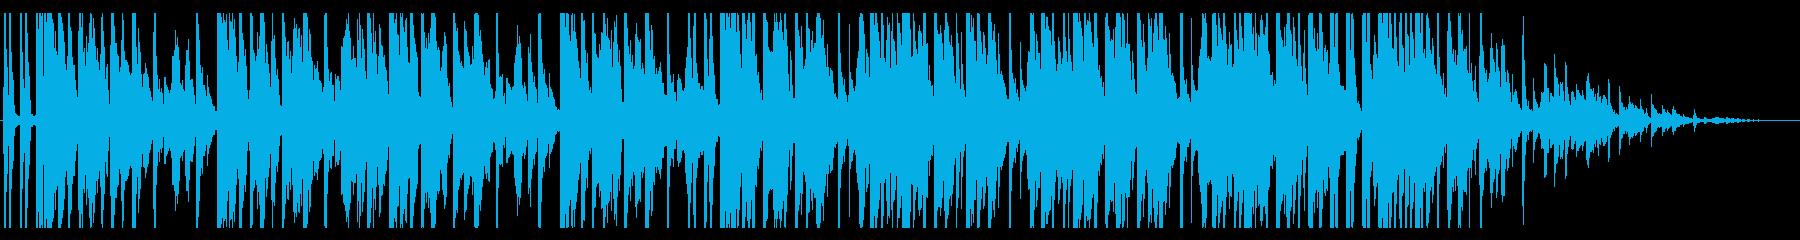 青/海/エレクトロ_No407_5の再生済みの波形